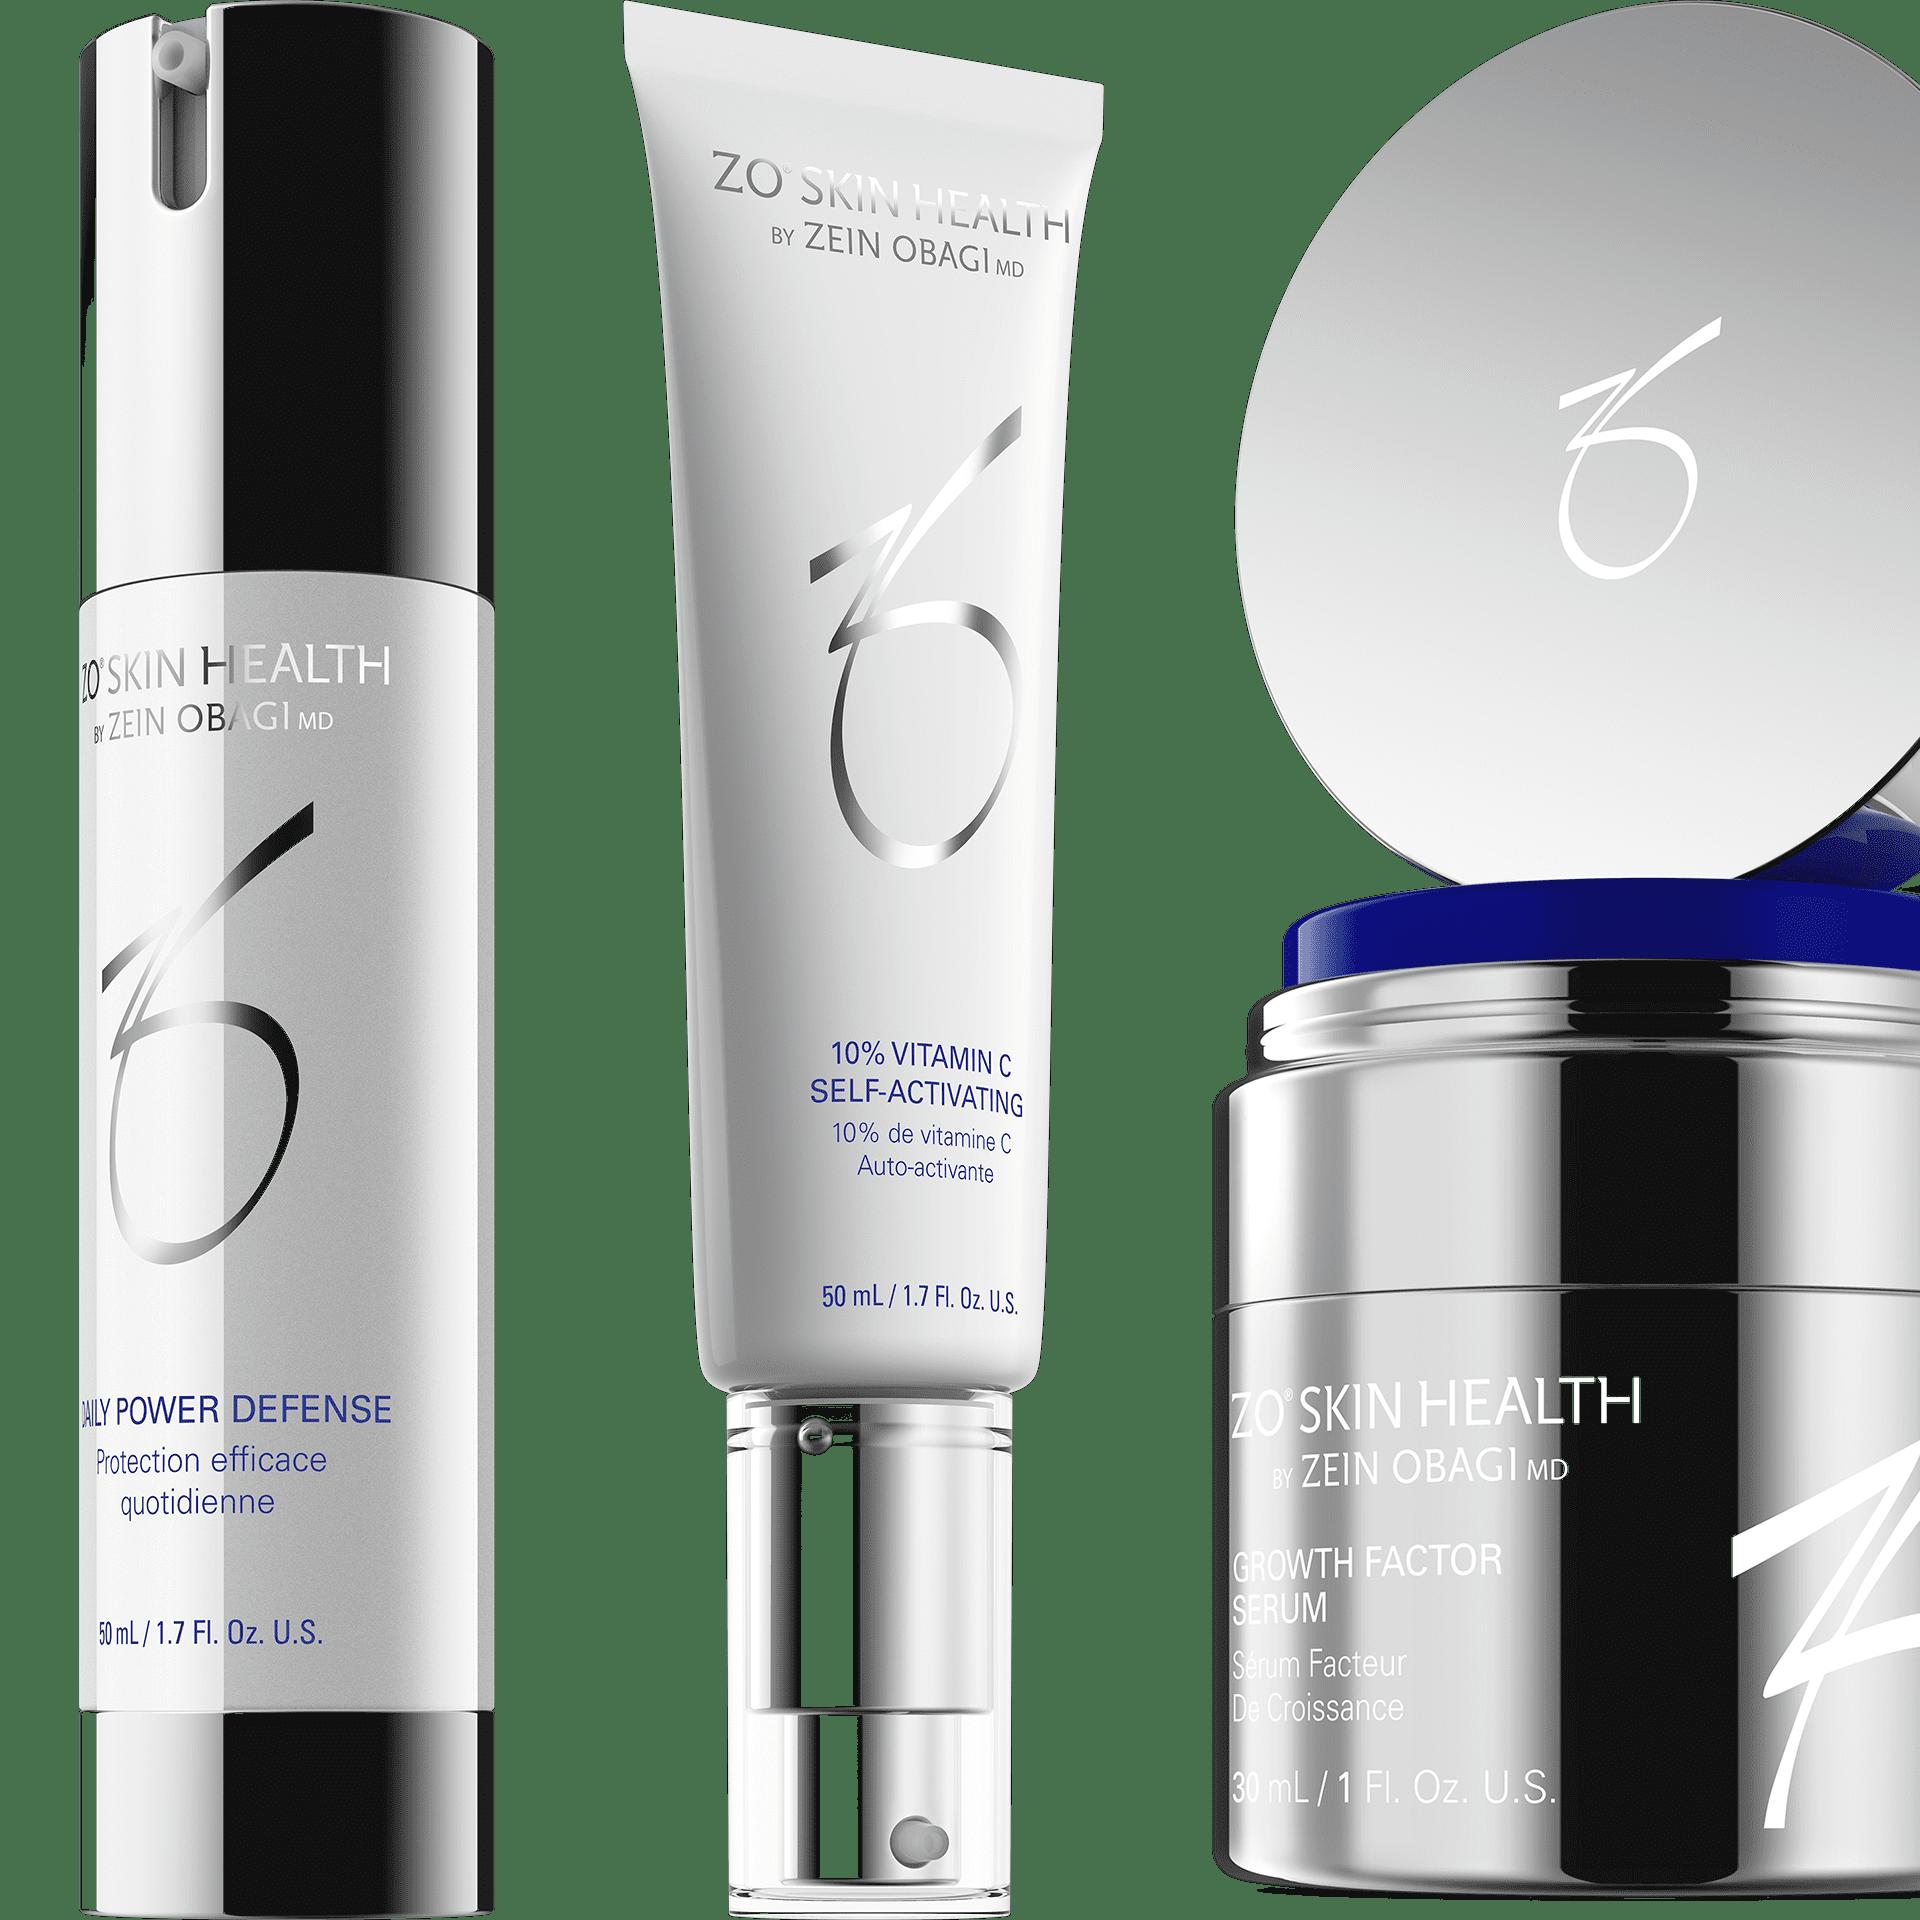 ZO SKIN HEALTH Produkte für ein moderates Anti-Aging, zusammengestellt vom SKIN HEALTH SHOP